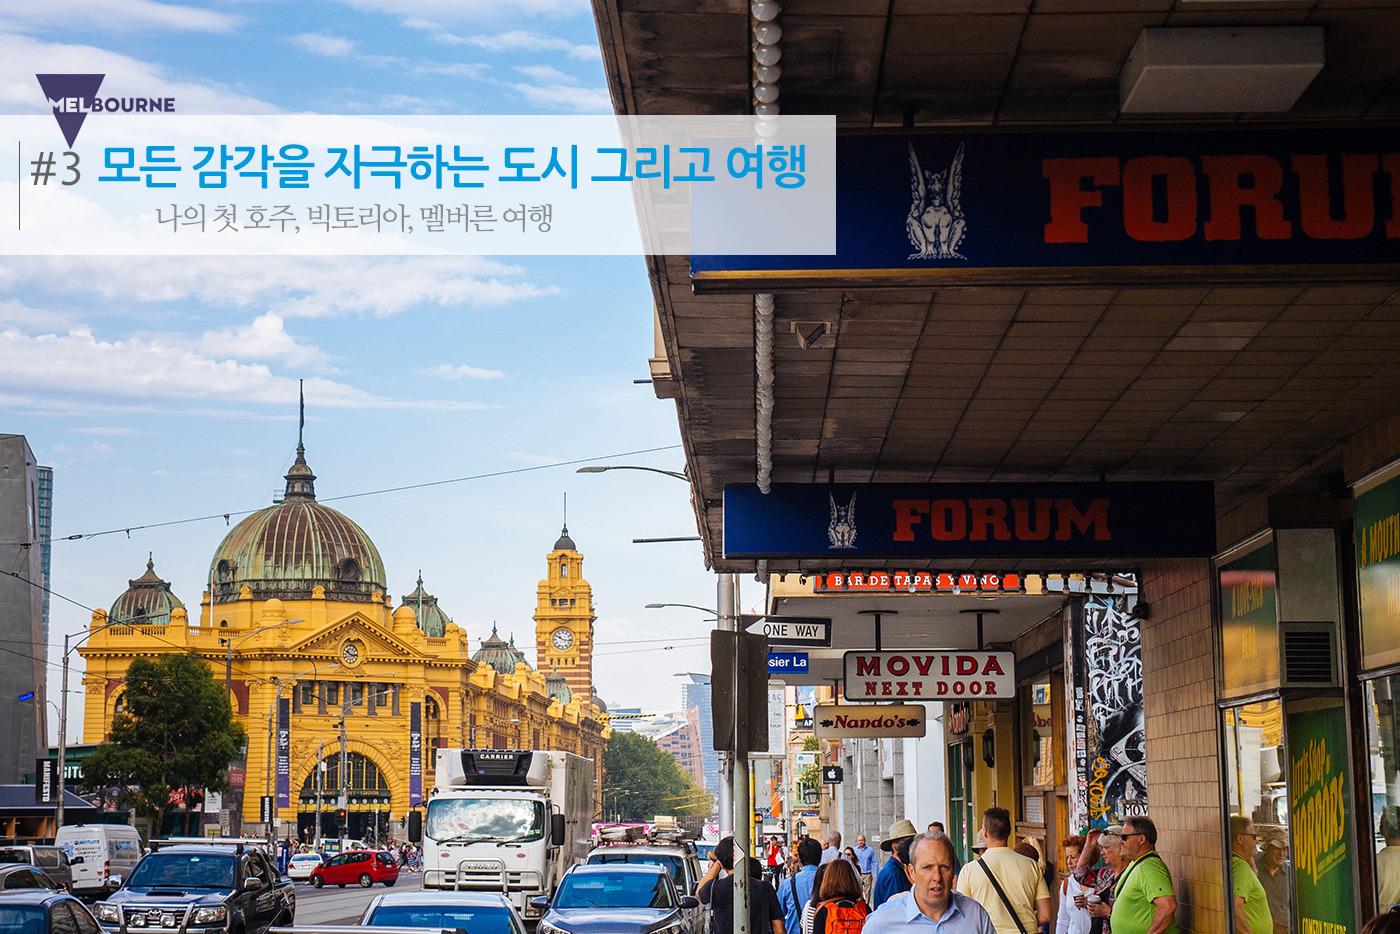 감각적인 도시 호주, 멜버른 - #3 여행 이야기를 시작합니다.